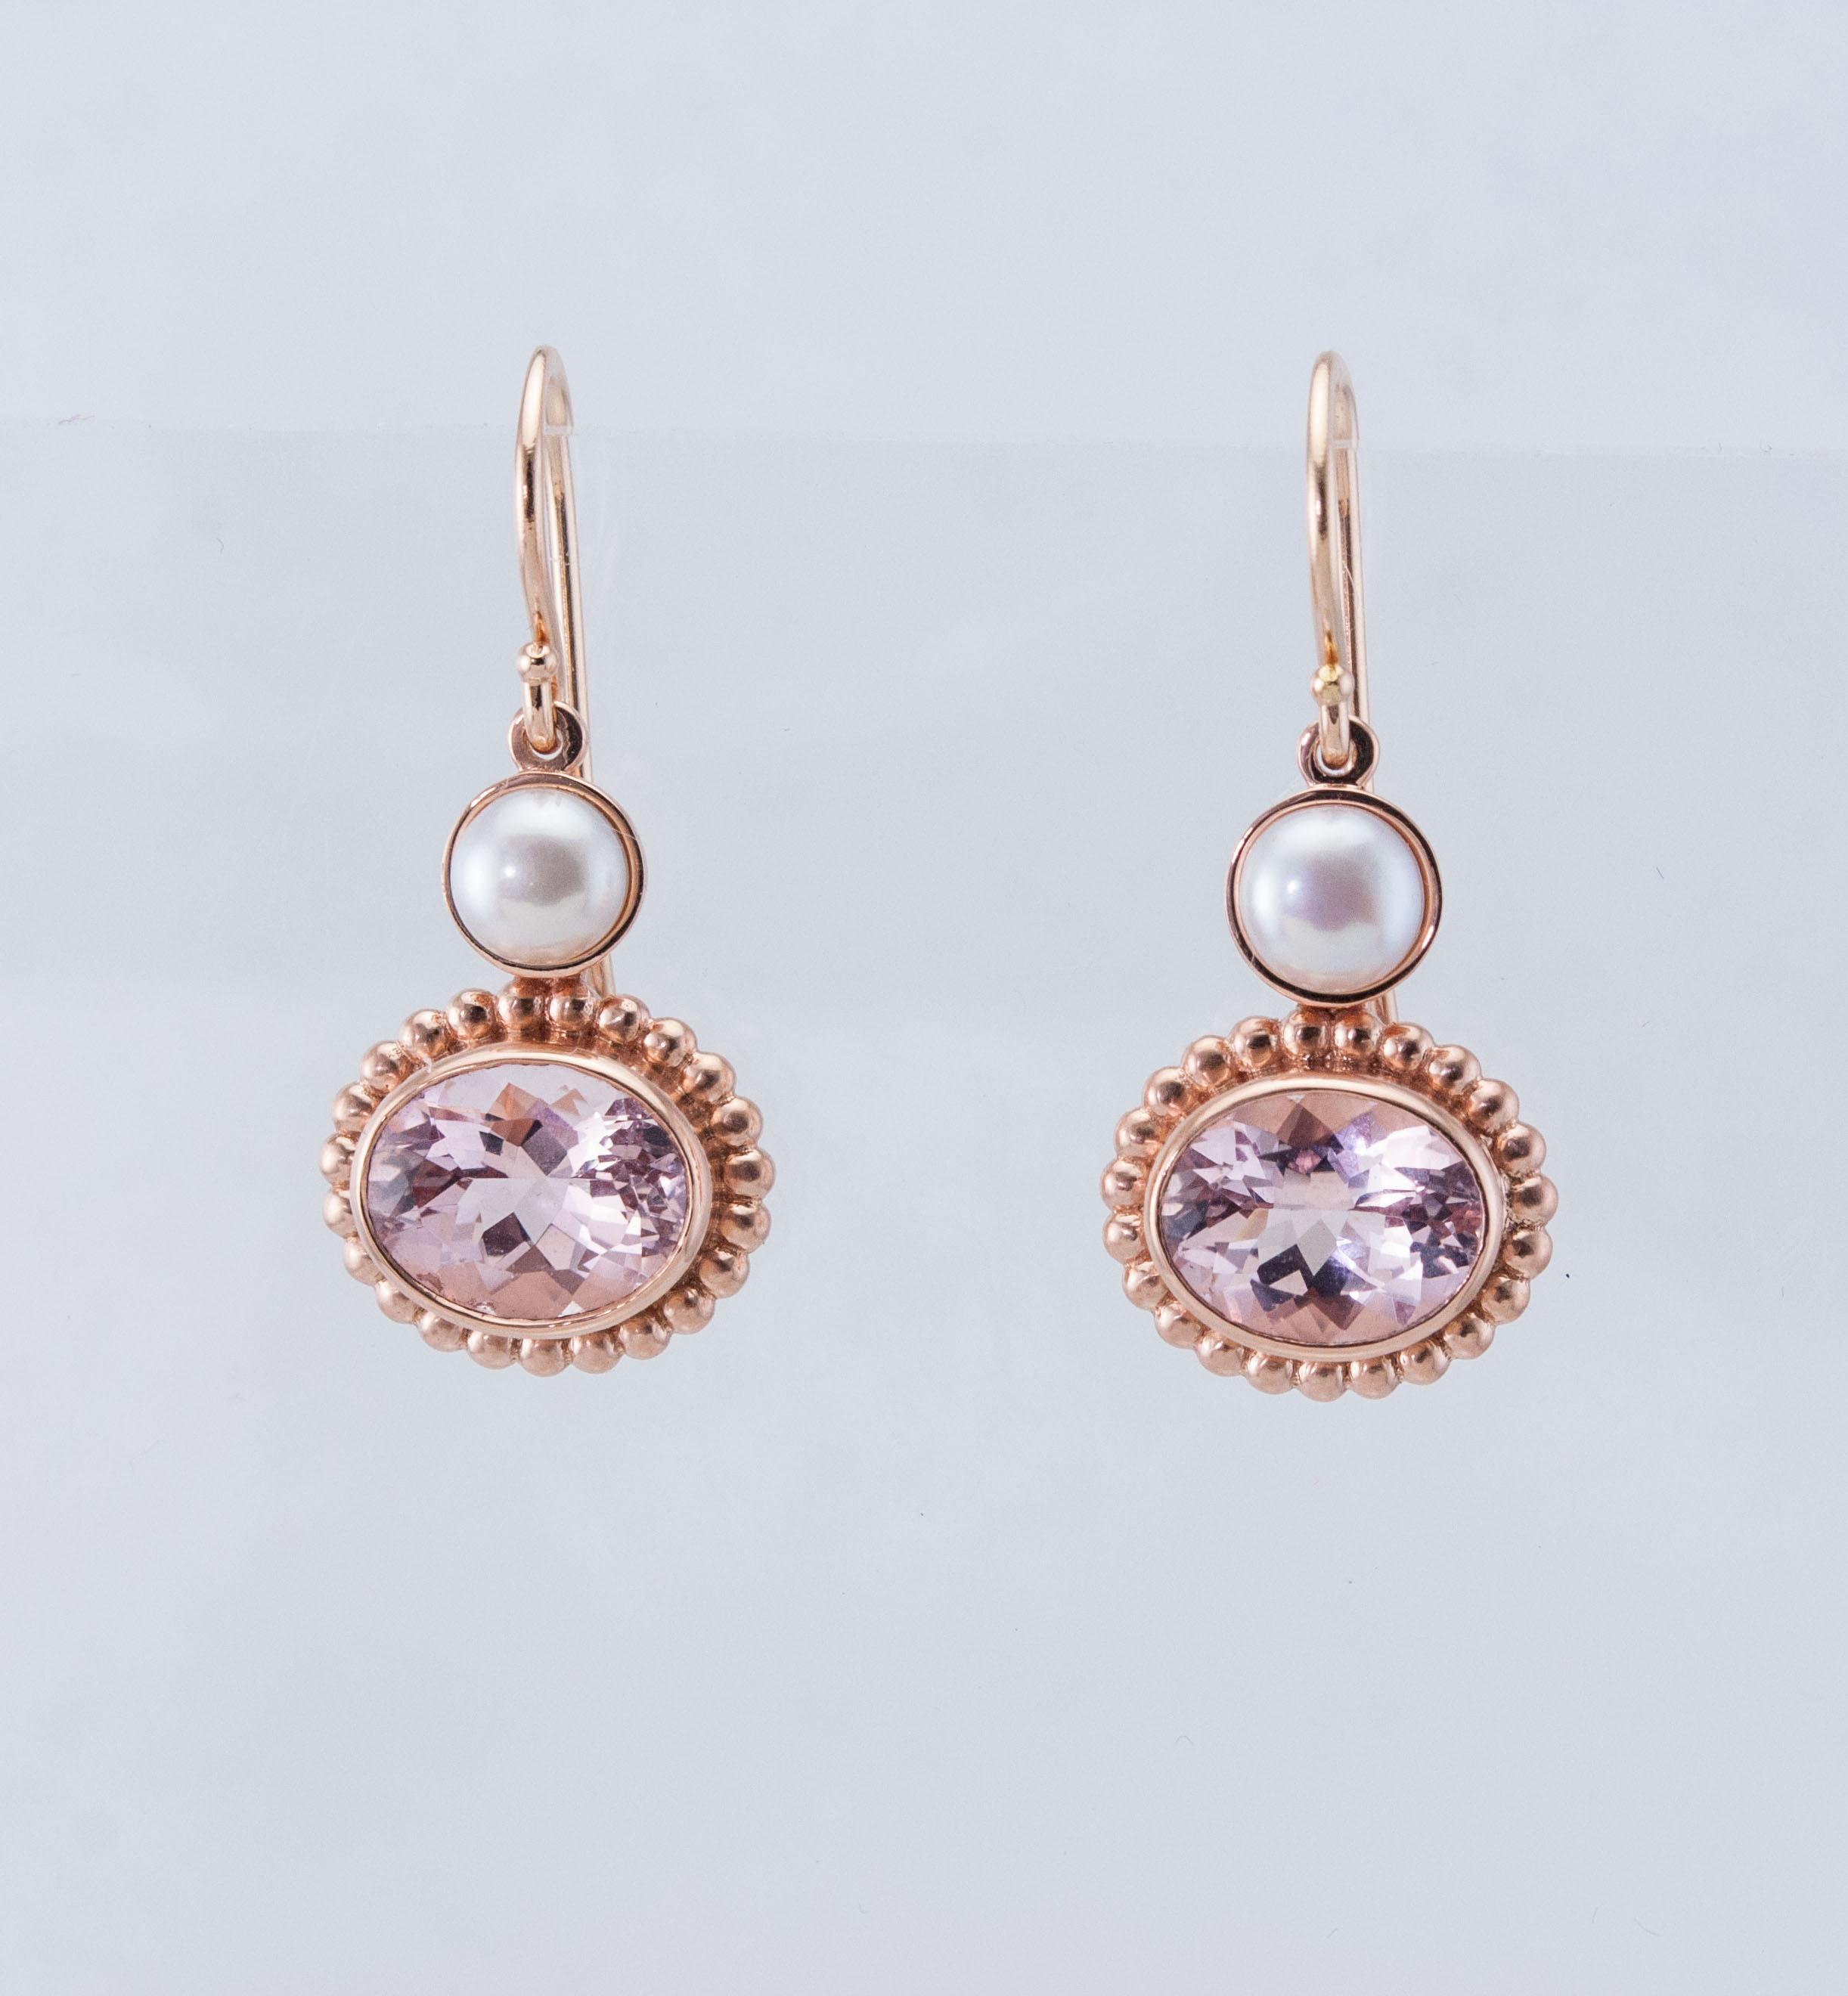 Rose Gold and Morganite Earrings